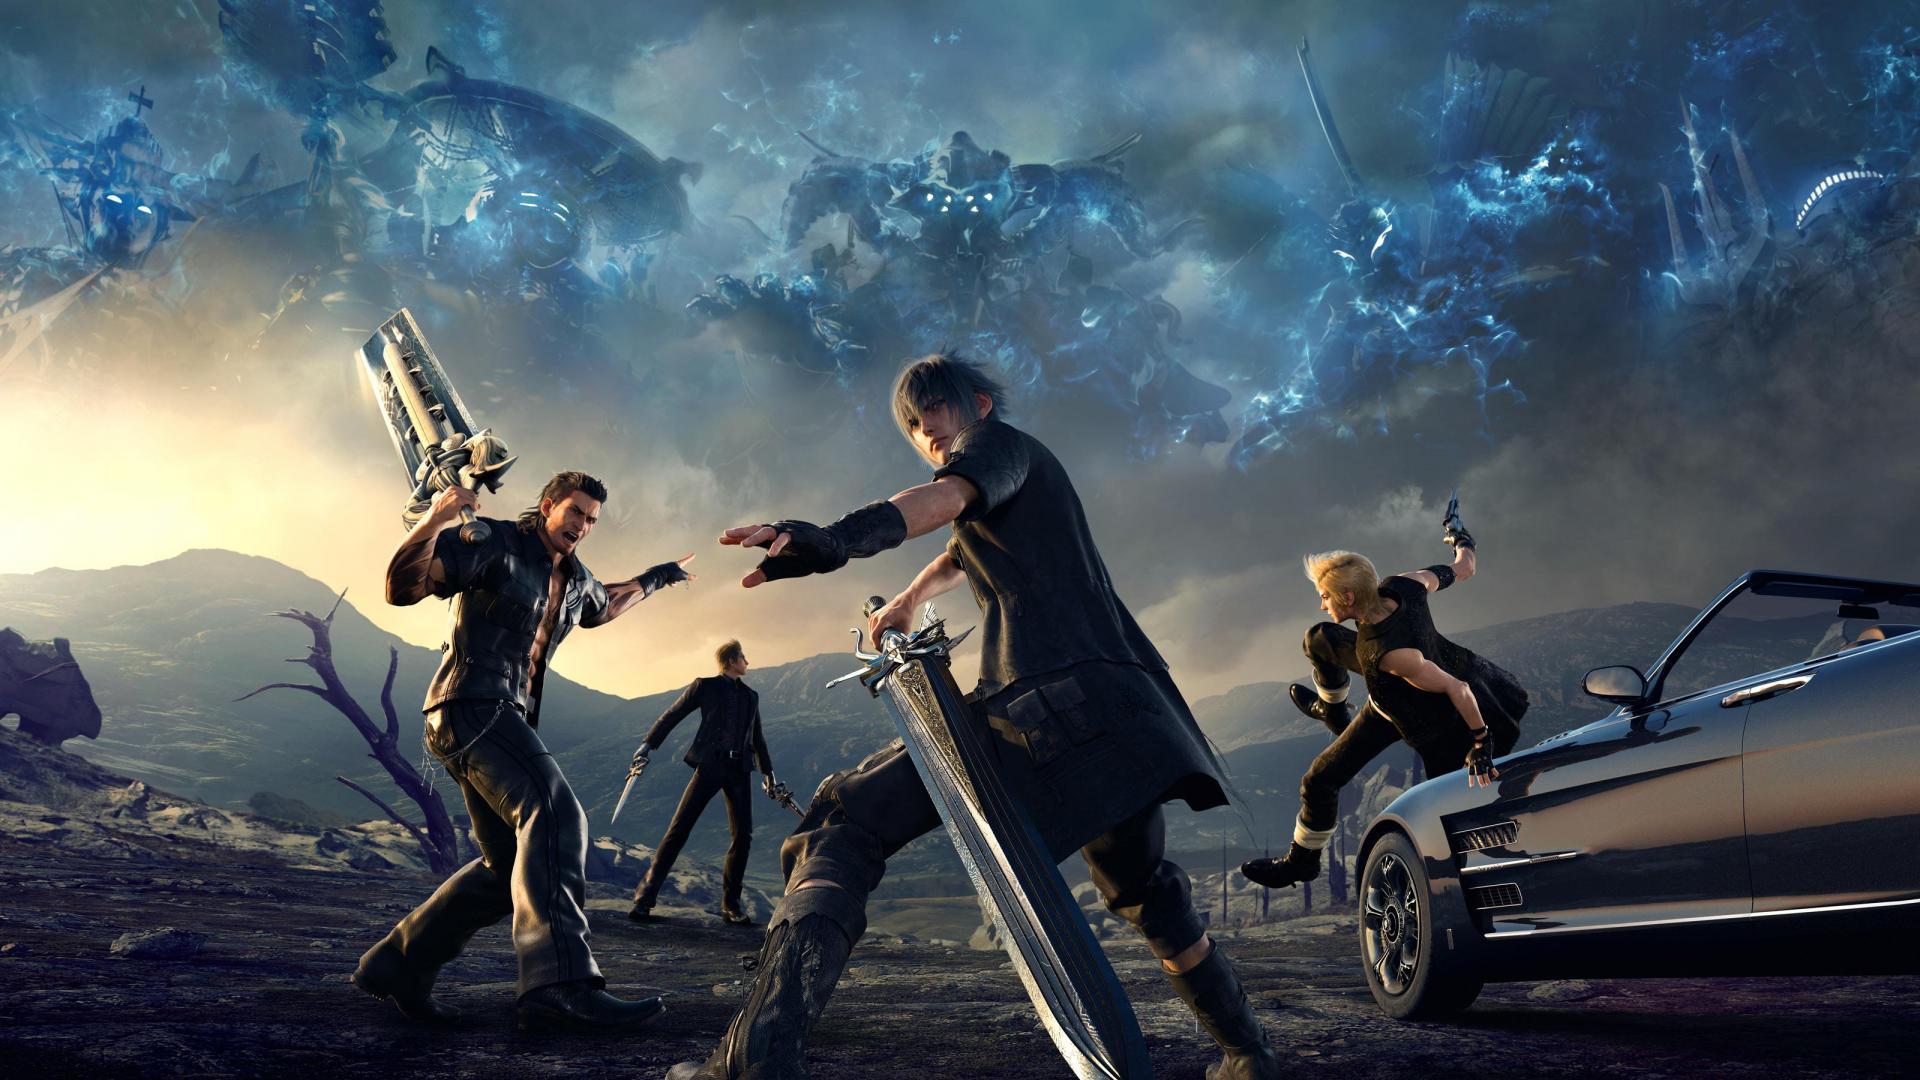 155 гигабайт на жёстком диске потребуется для запуска Final Fantasy XV